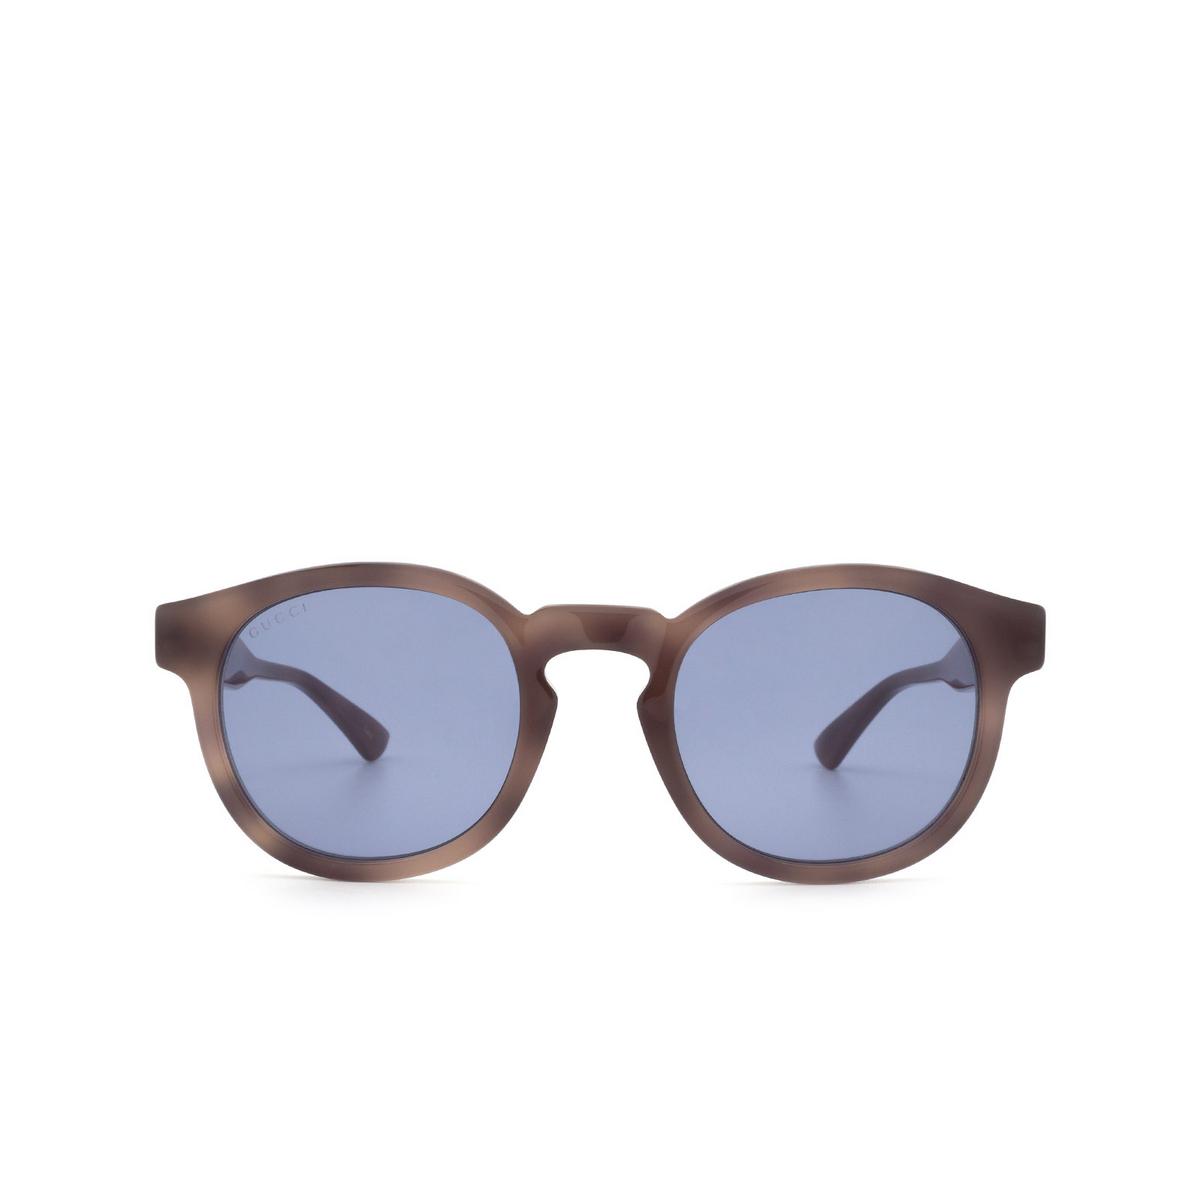 Gucci® Round Sunglasses: GG0825S color Havana 004 - 1/3.